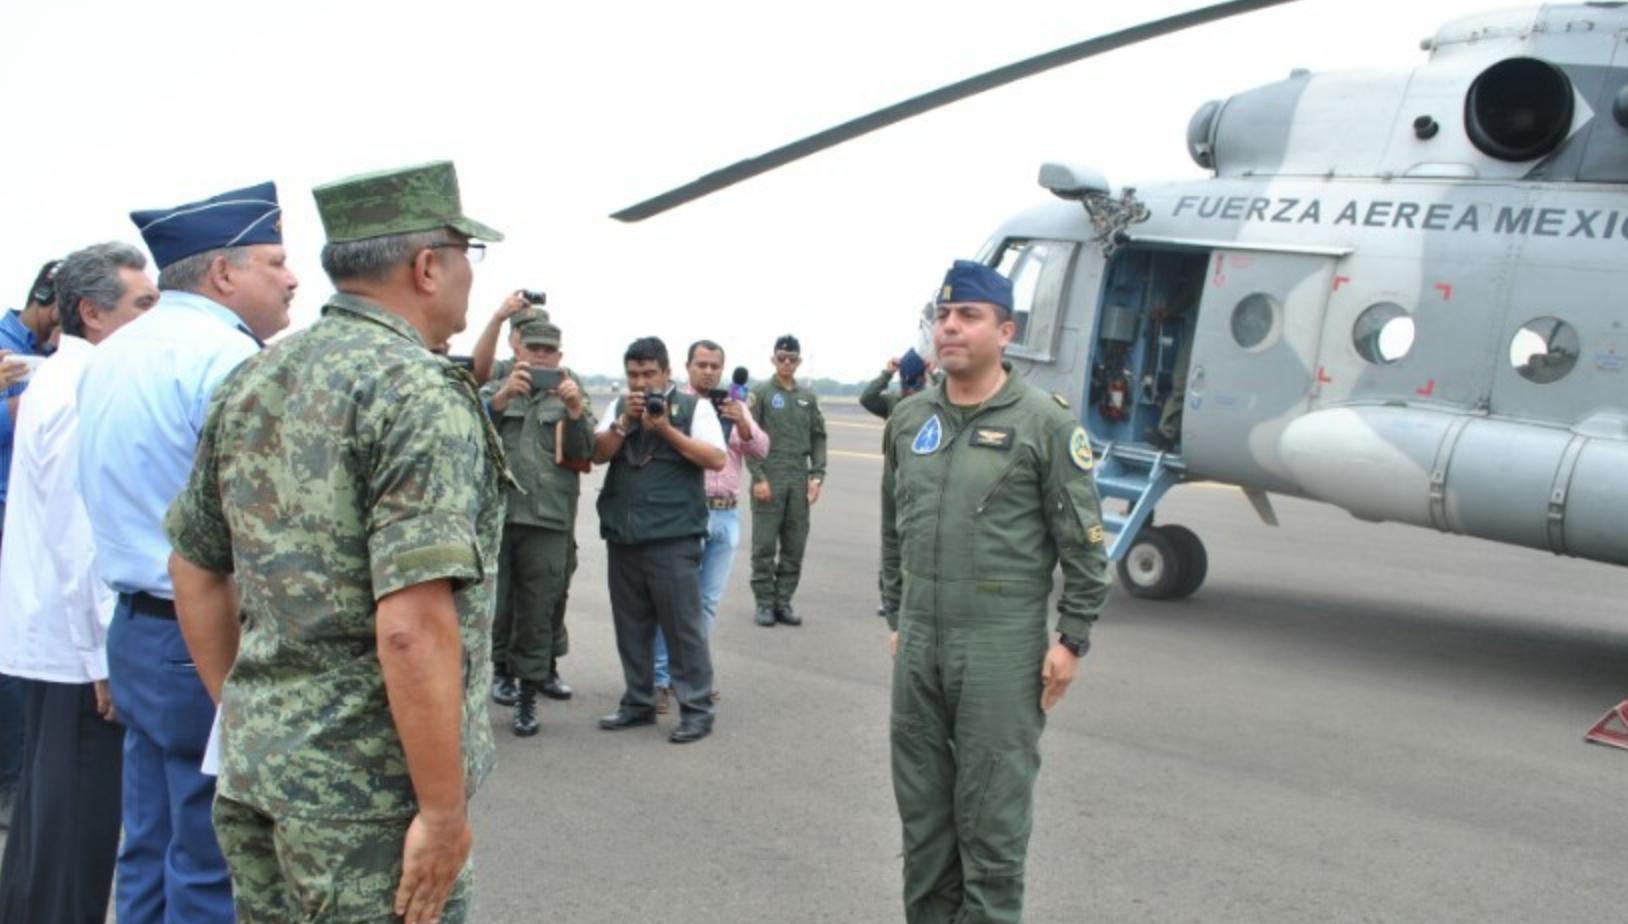 Helicóptero Fuerza Aérea Mexicana. Foto: Presidencia de Nicaragua